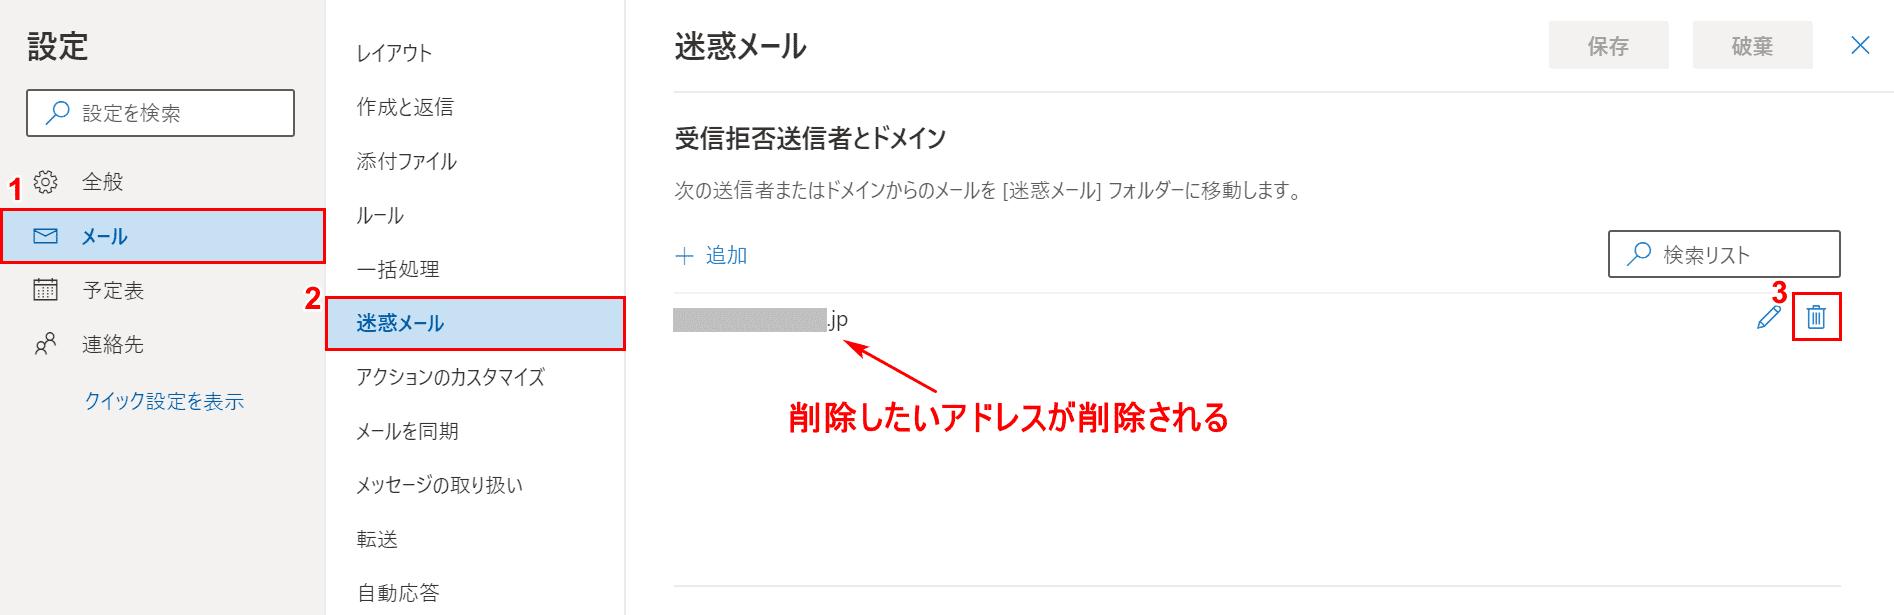 削除したいアドレスの削除